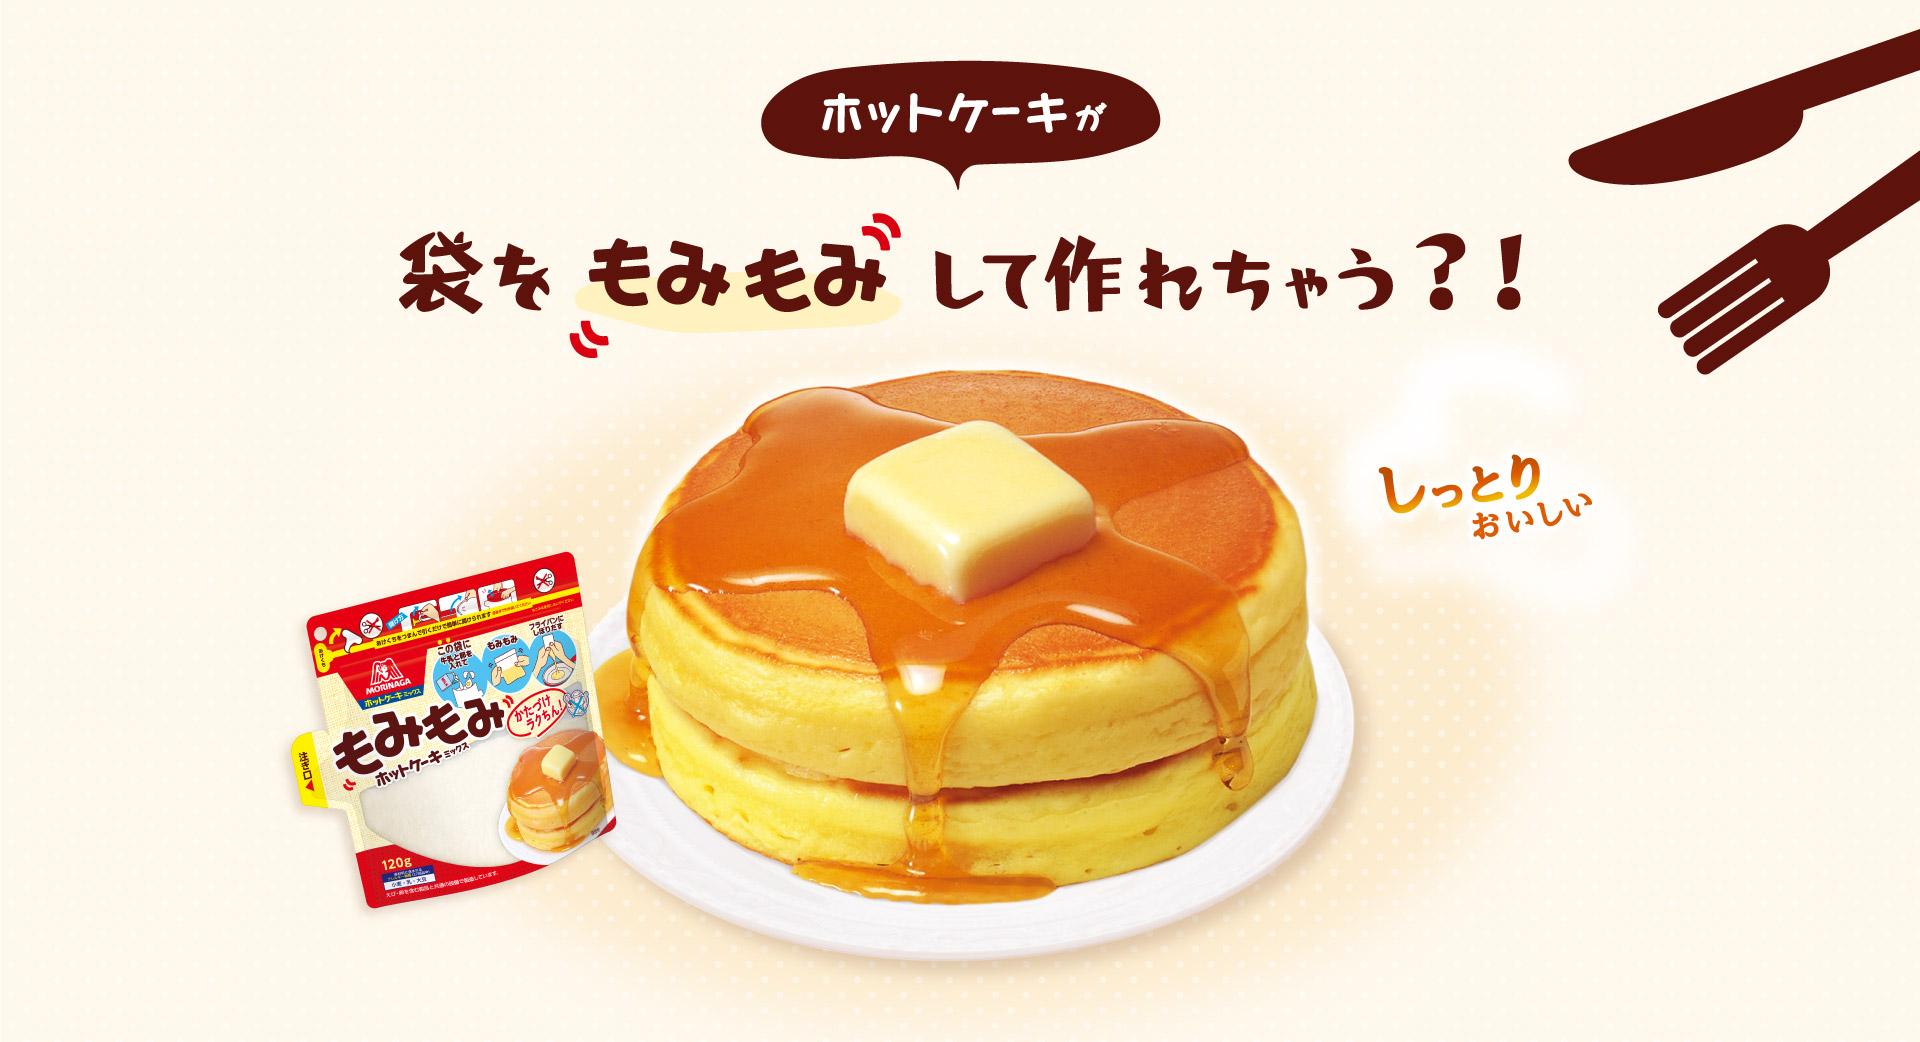 「もみもみホットケーキミックス」ホットケーキが袋をもみもみして作れちゃう?!